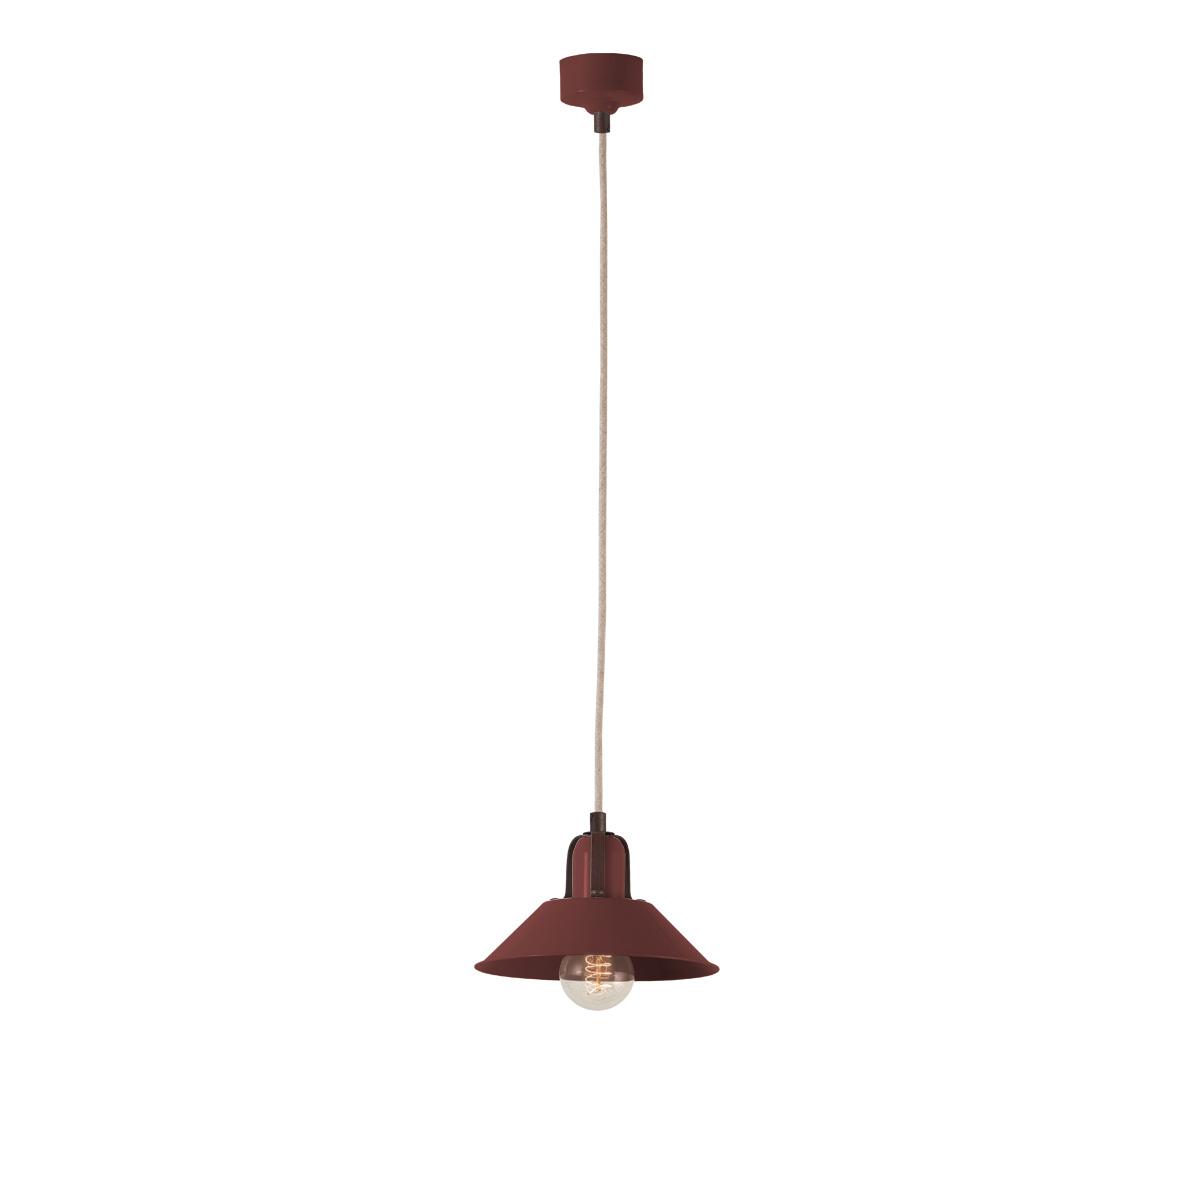 Χειροποίητο φωτιστικό μπορντό ΜΗΛΟΣ bordeaux handmade pendant lamp